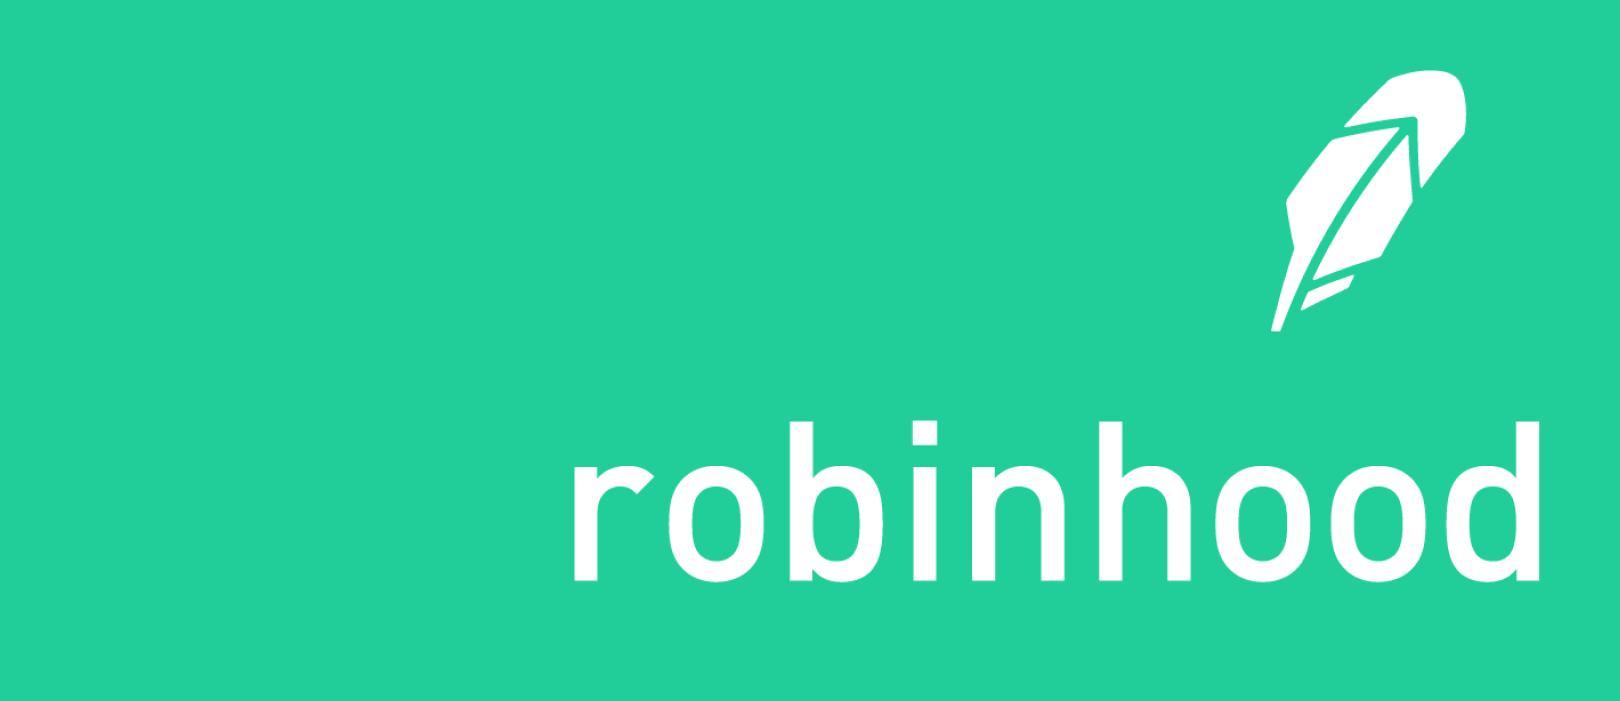 Frame 1 12 - Как разработать приложение по типу Robinhood